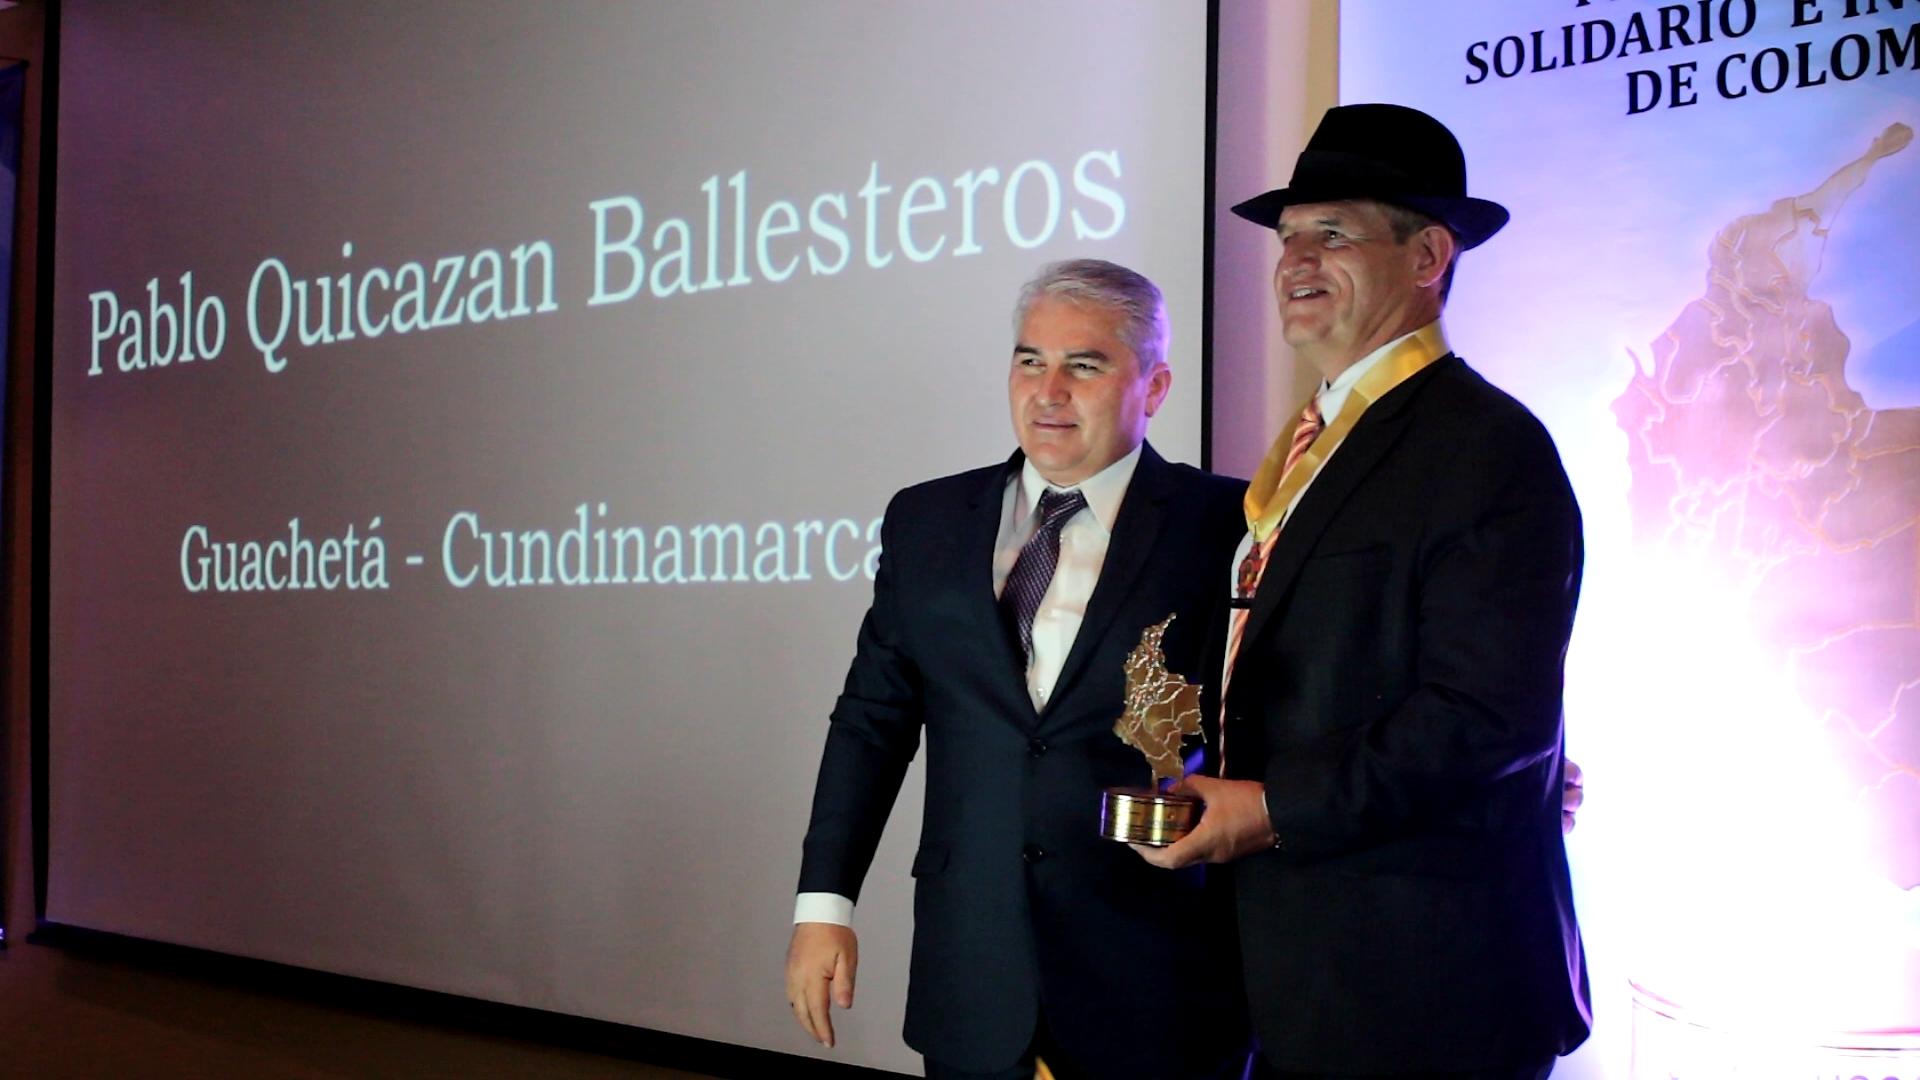 """Pablo Enrique Quicazan recibió el premio """"Alcalde Solidario e Incluyente de Colombia 2019″"""